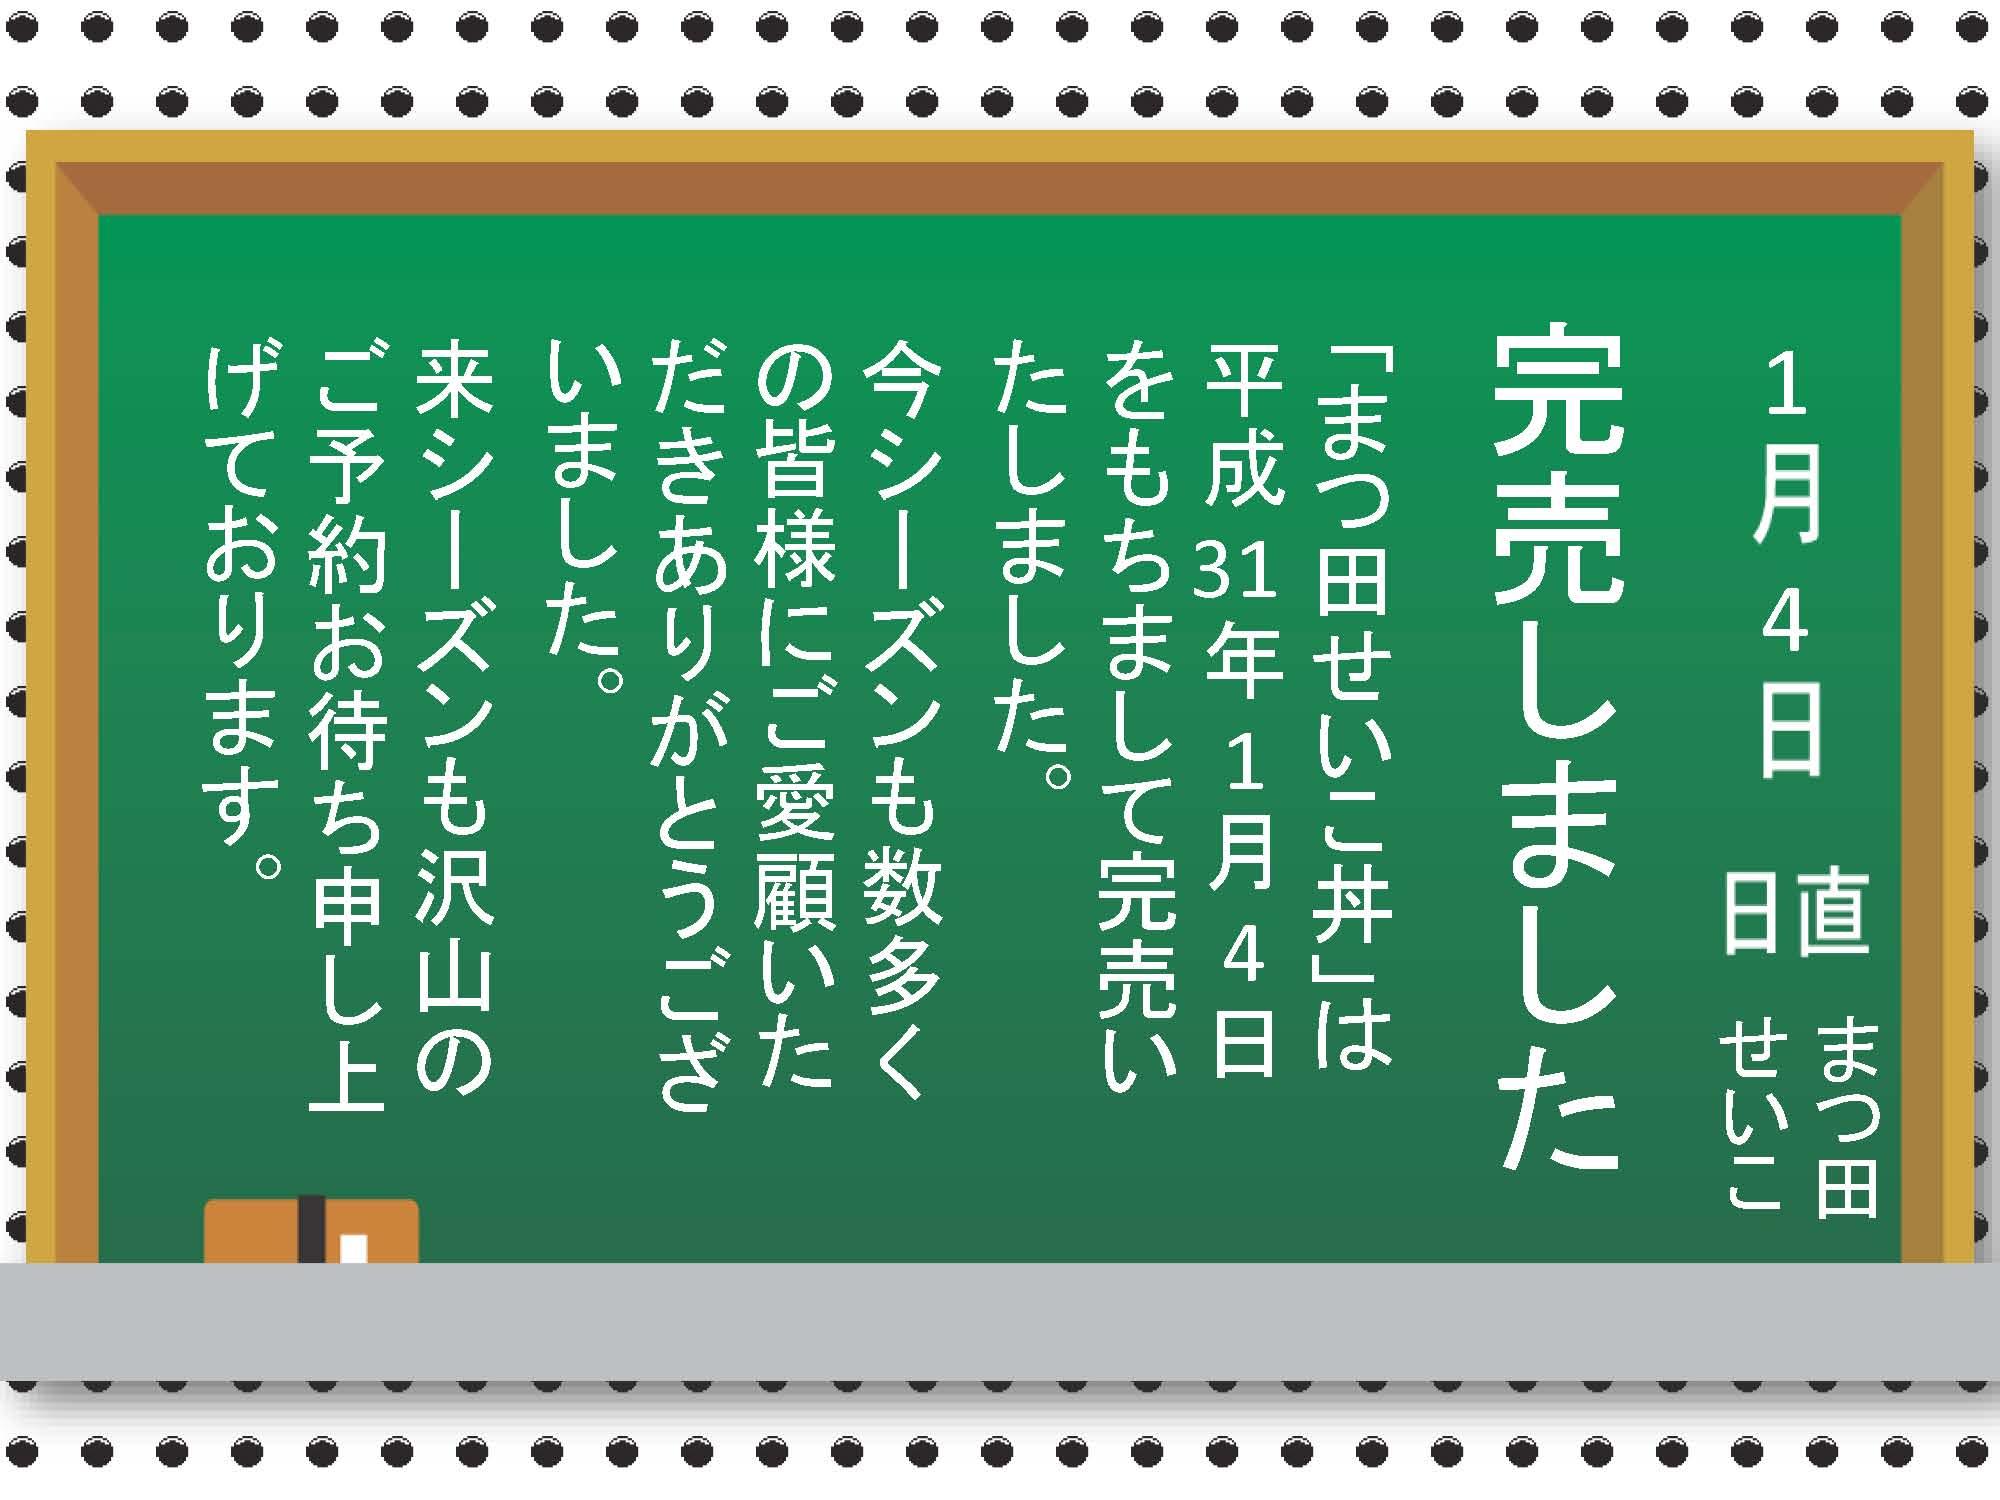 せいこ丼 完売しました.jpg